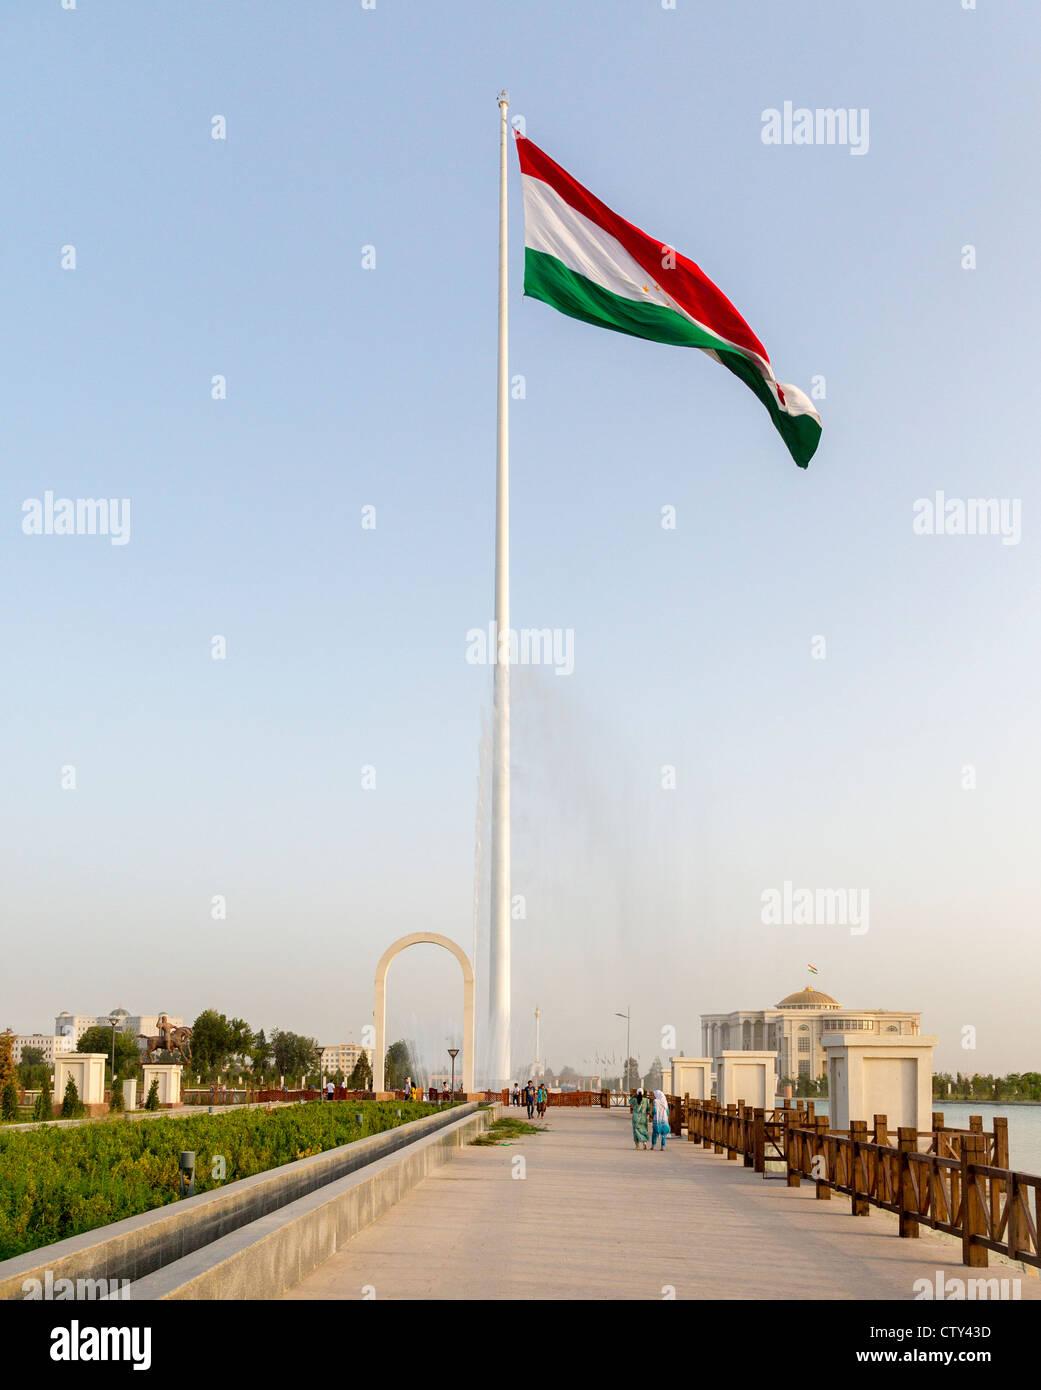 Dushanbe Flagpole, Central Park, Tajikistan - Stock Image